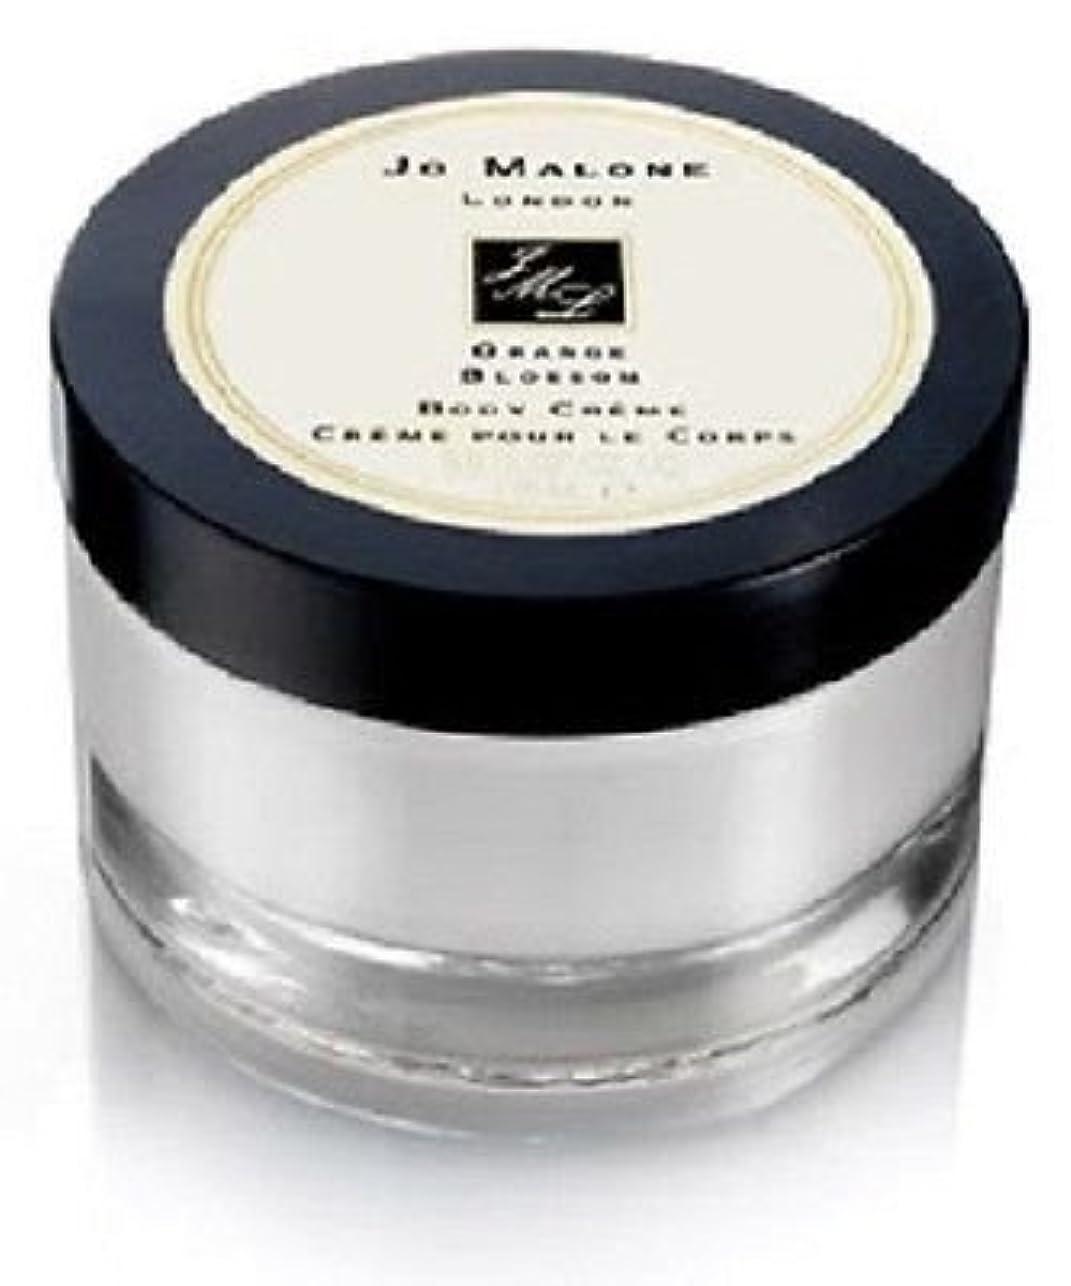 美容師男らしいゴミ箱を空にするジョーマローン Jo MALONE ボディクレーム ウッドセージ